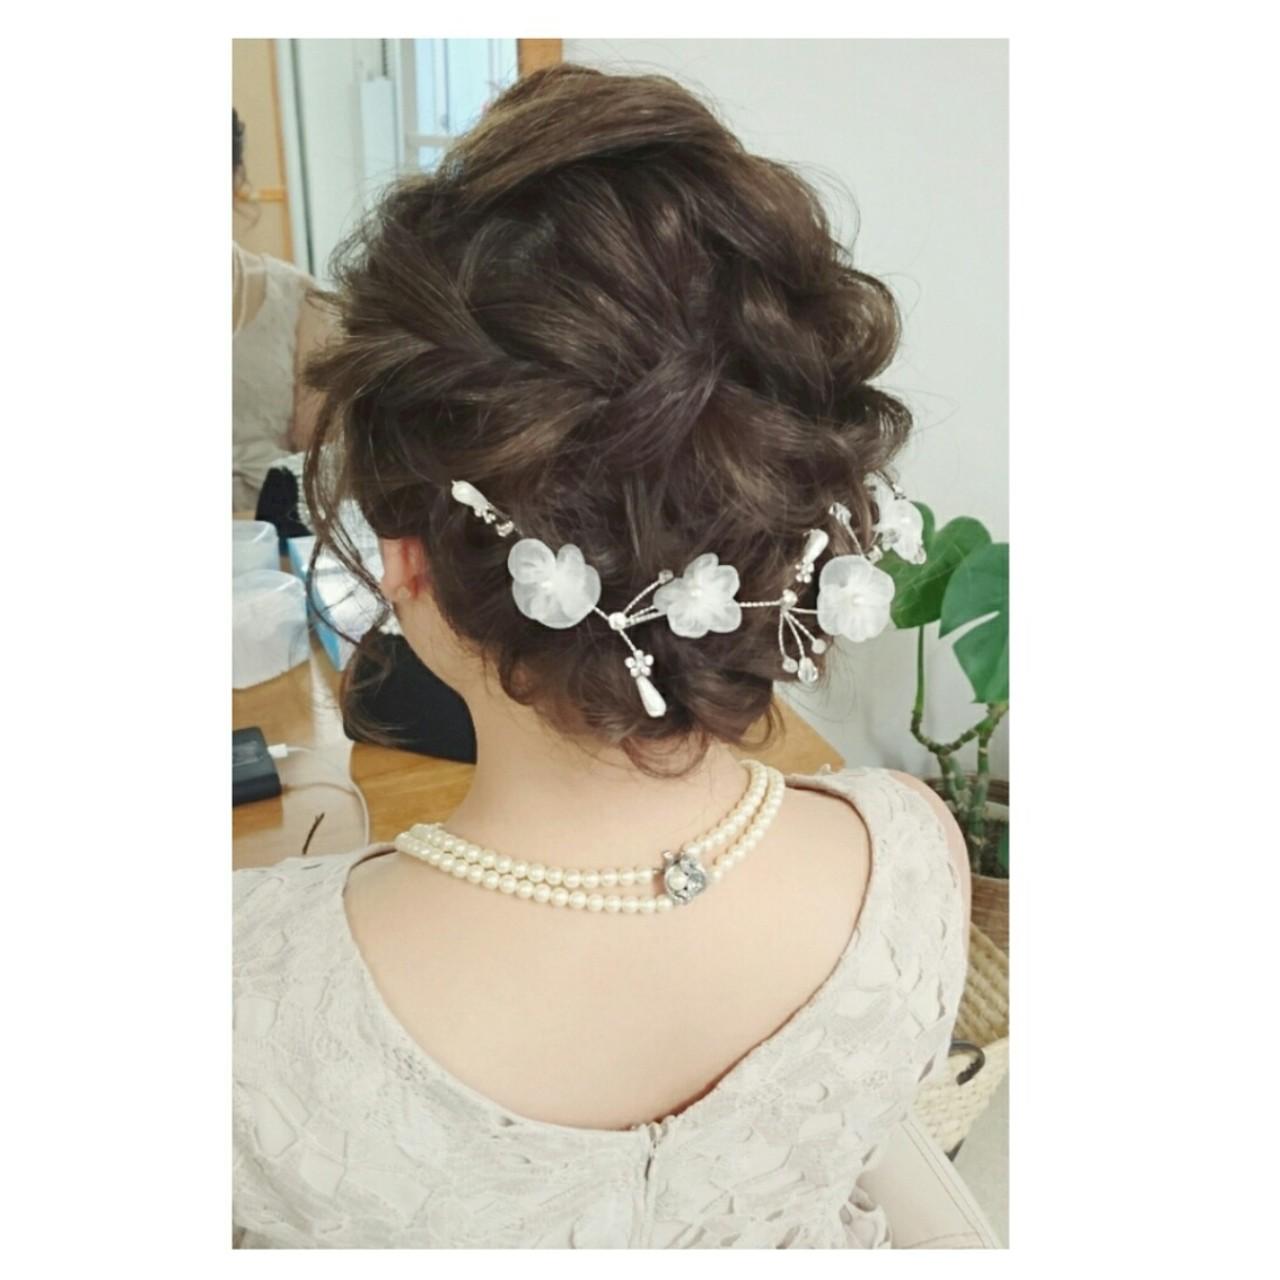 まとめ髪 編み込み ヘアアレンジ ミディアム ヘアスタイルや髪型の写真・画像 | chisa* / CURE